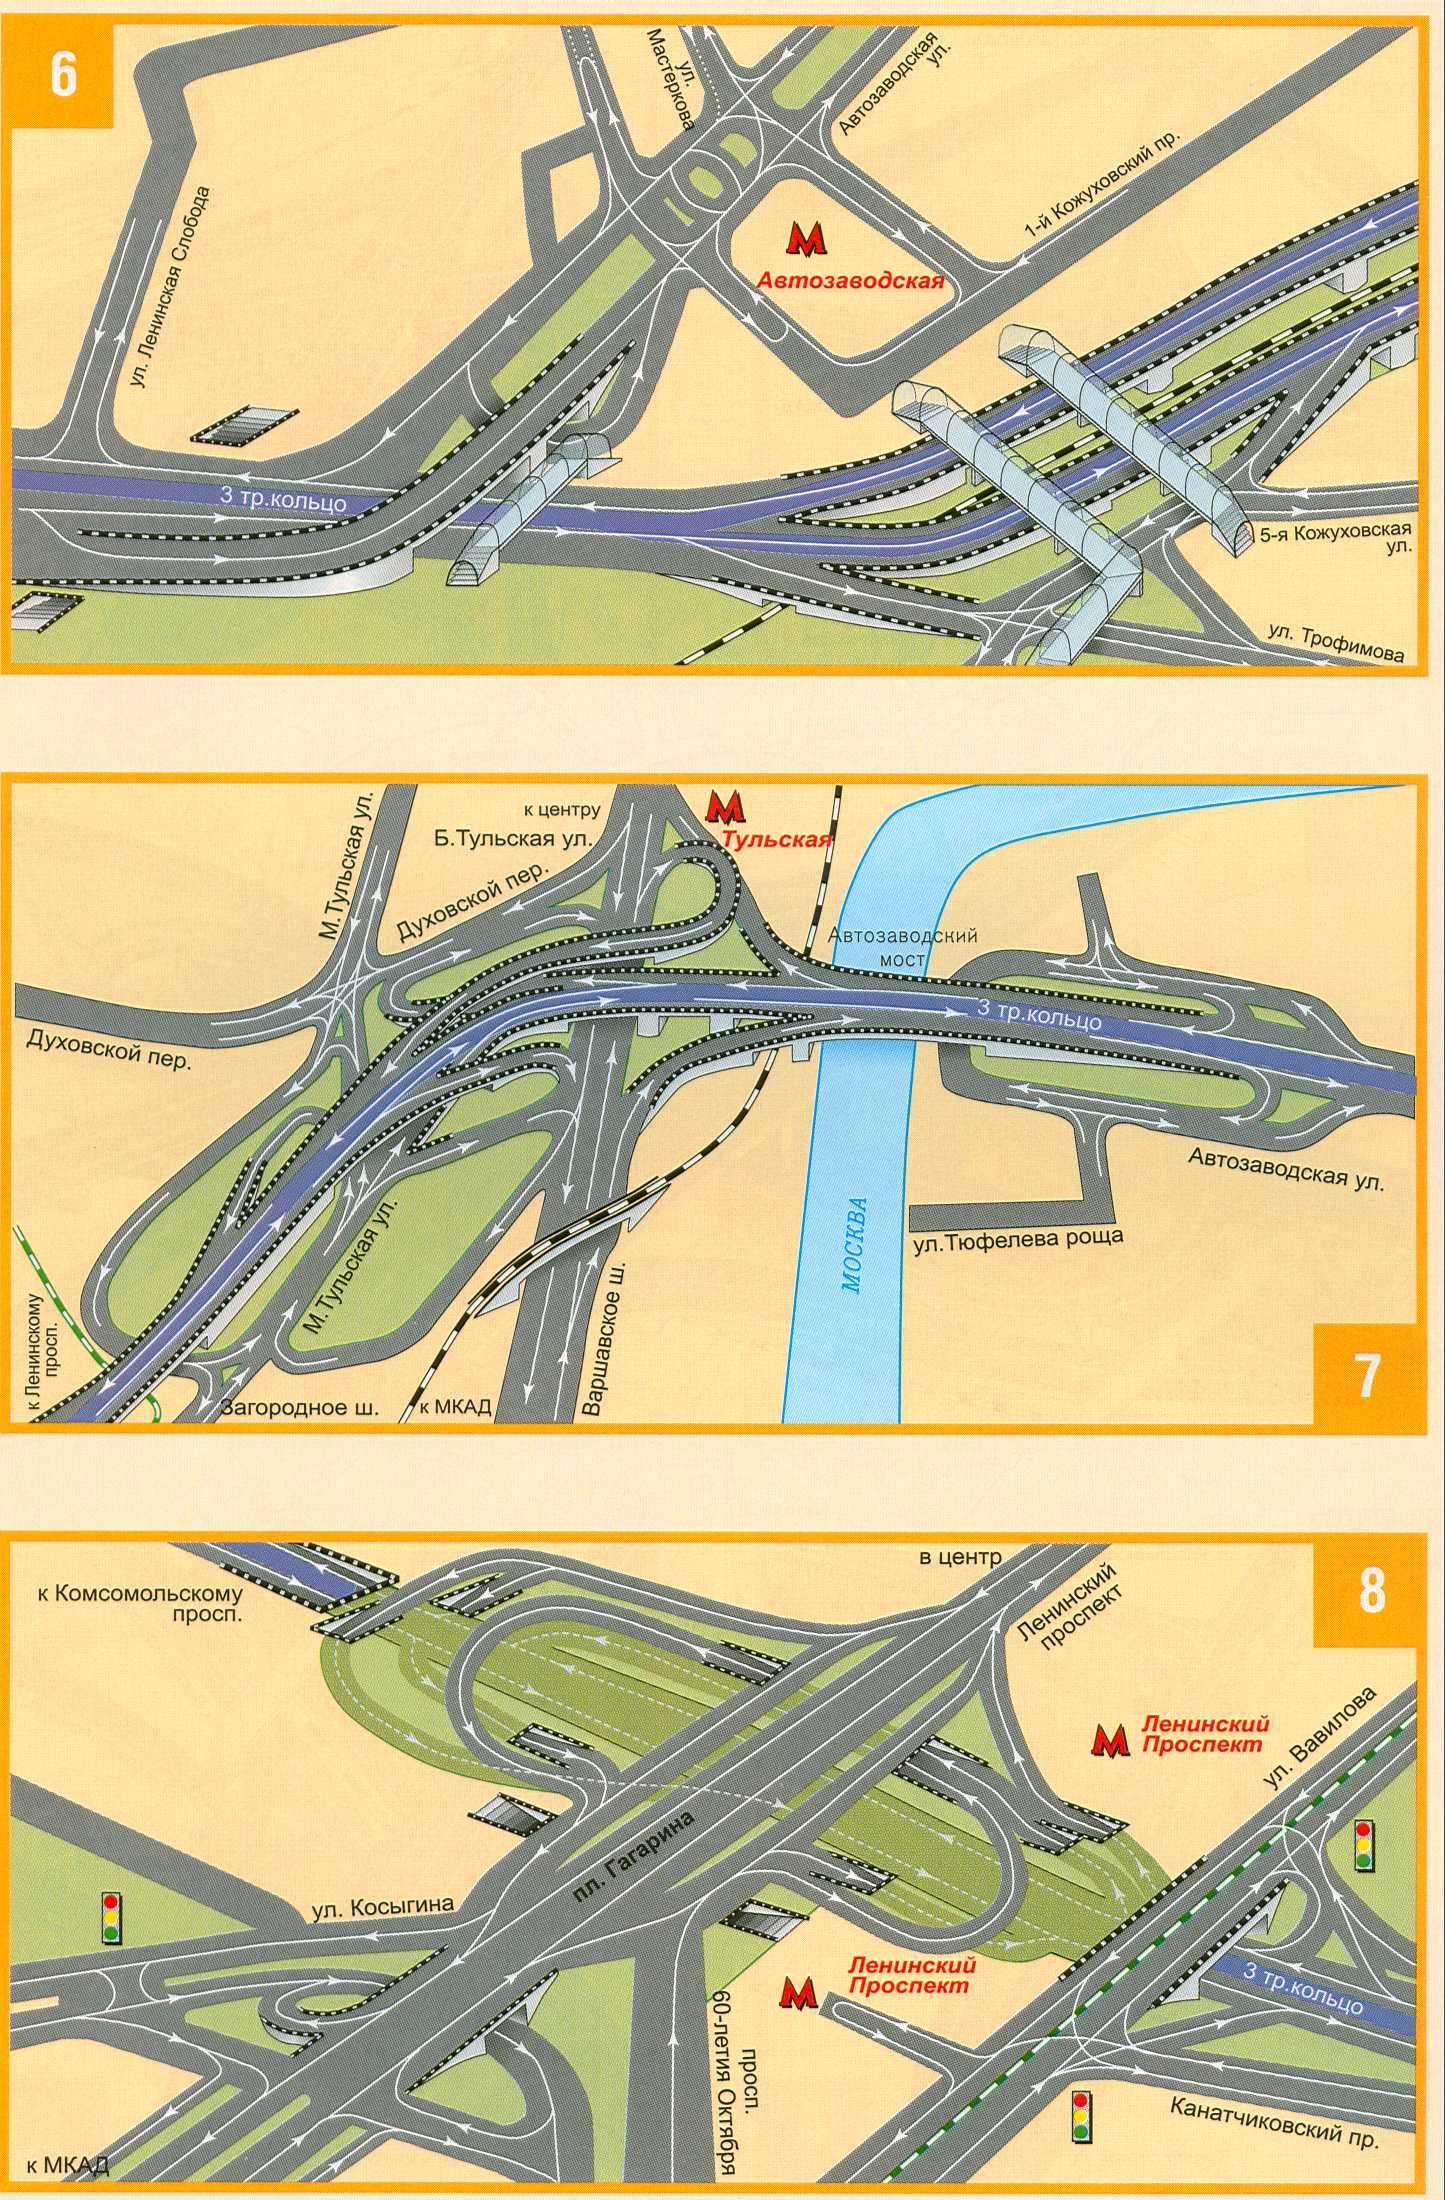 4-е транспортное кольцо карта: